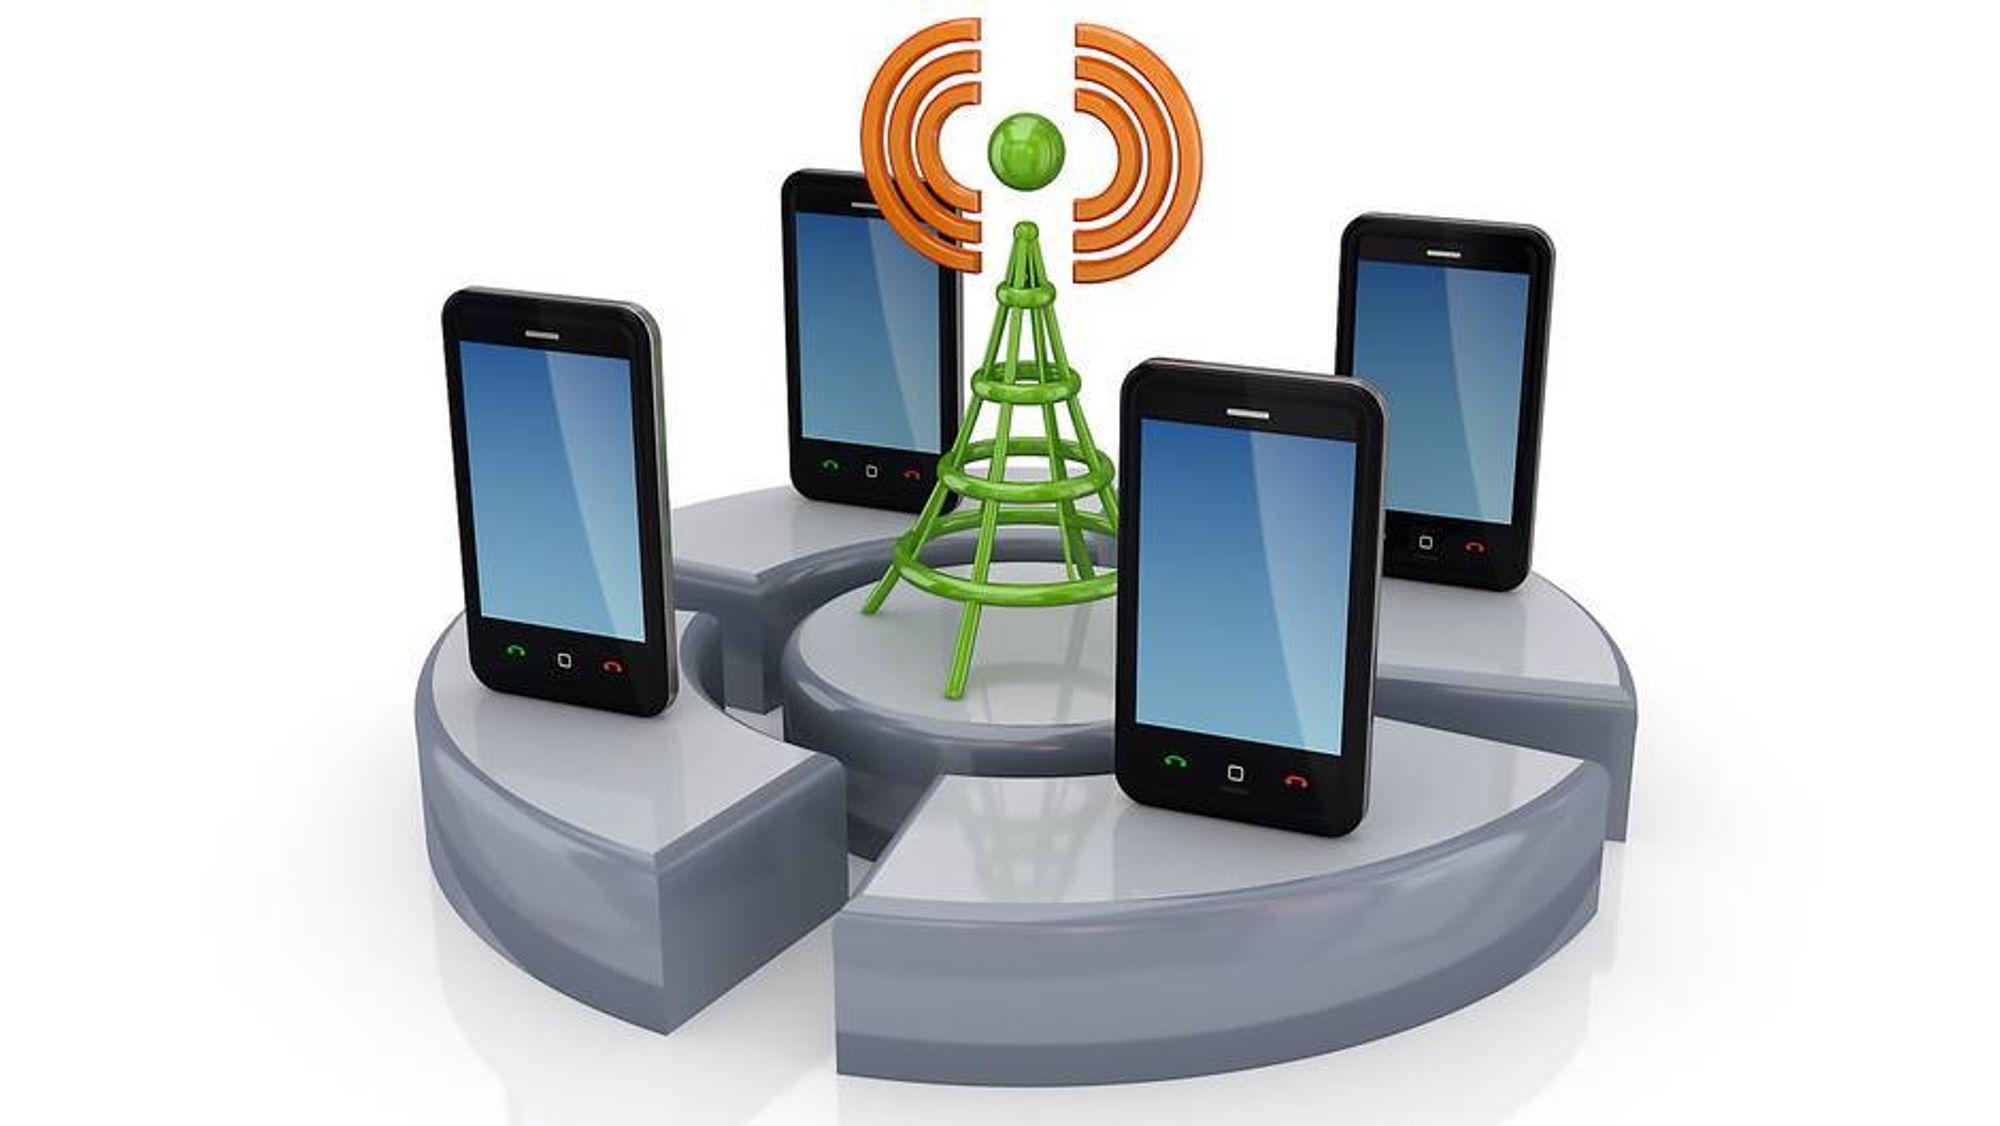 Vil merke telefoner med dårlige antenner